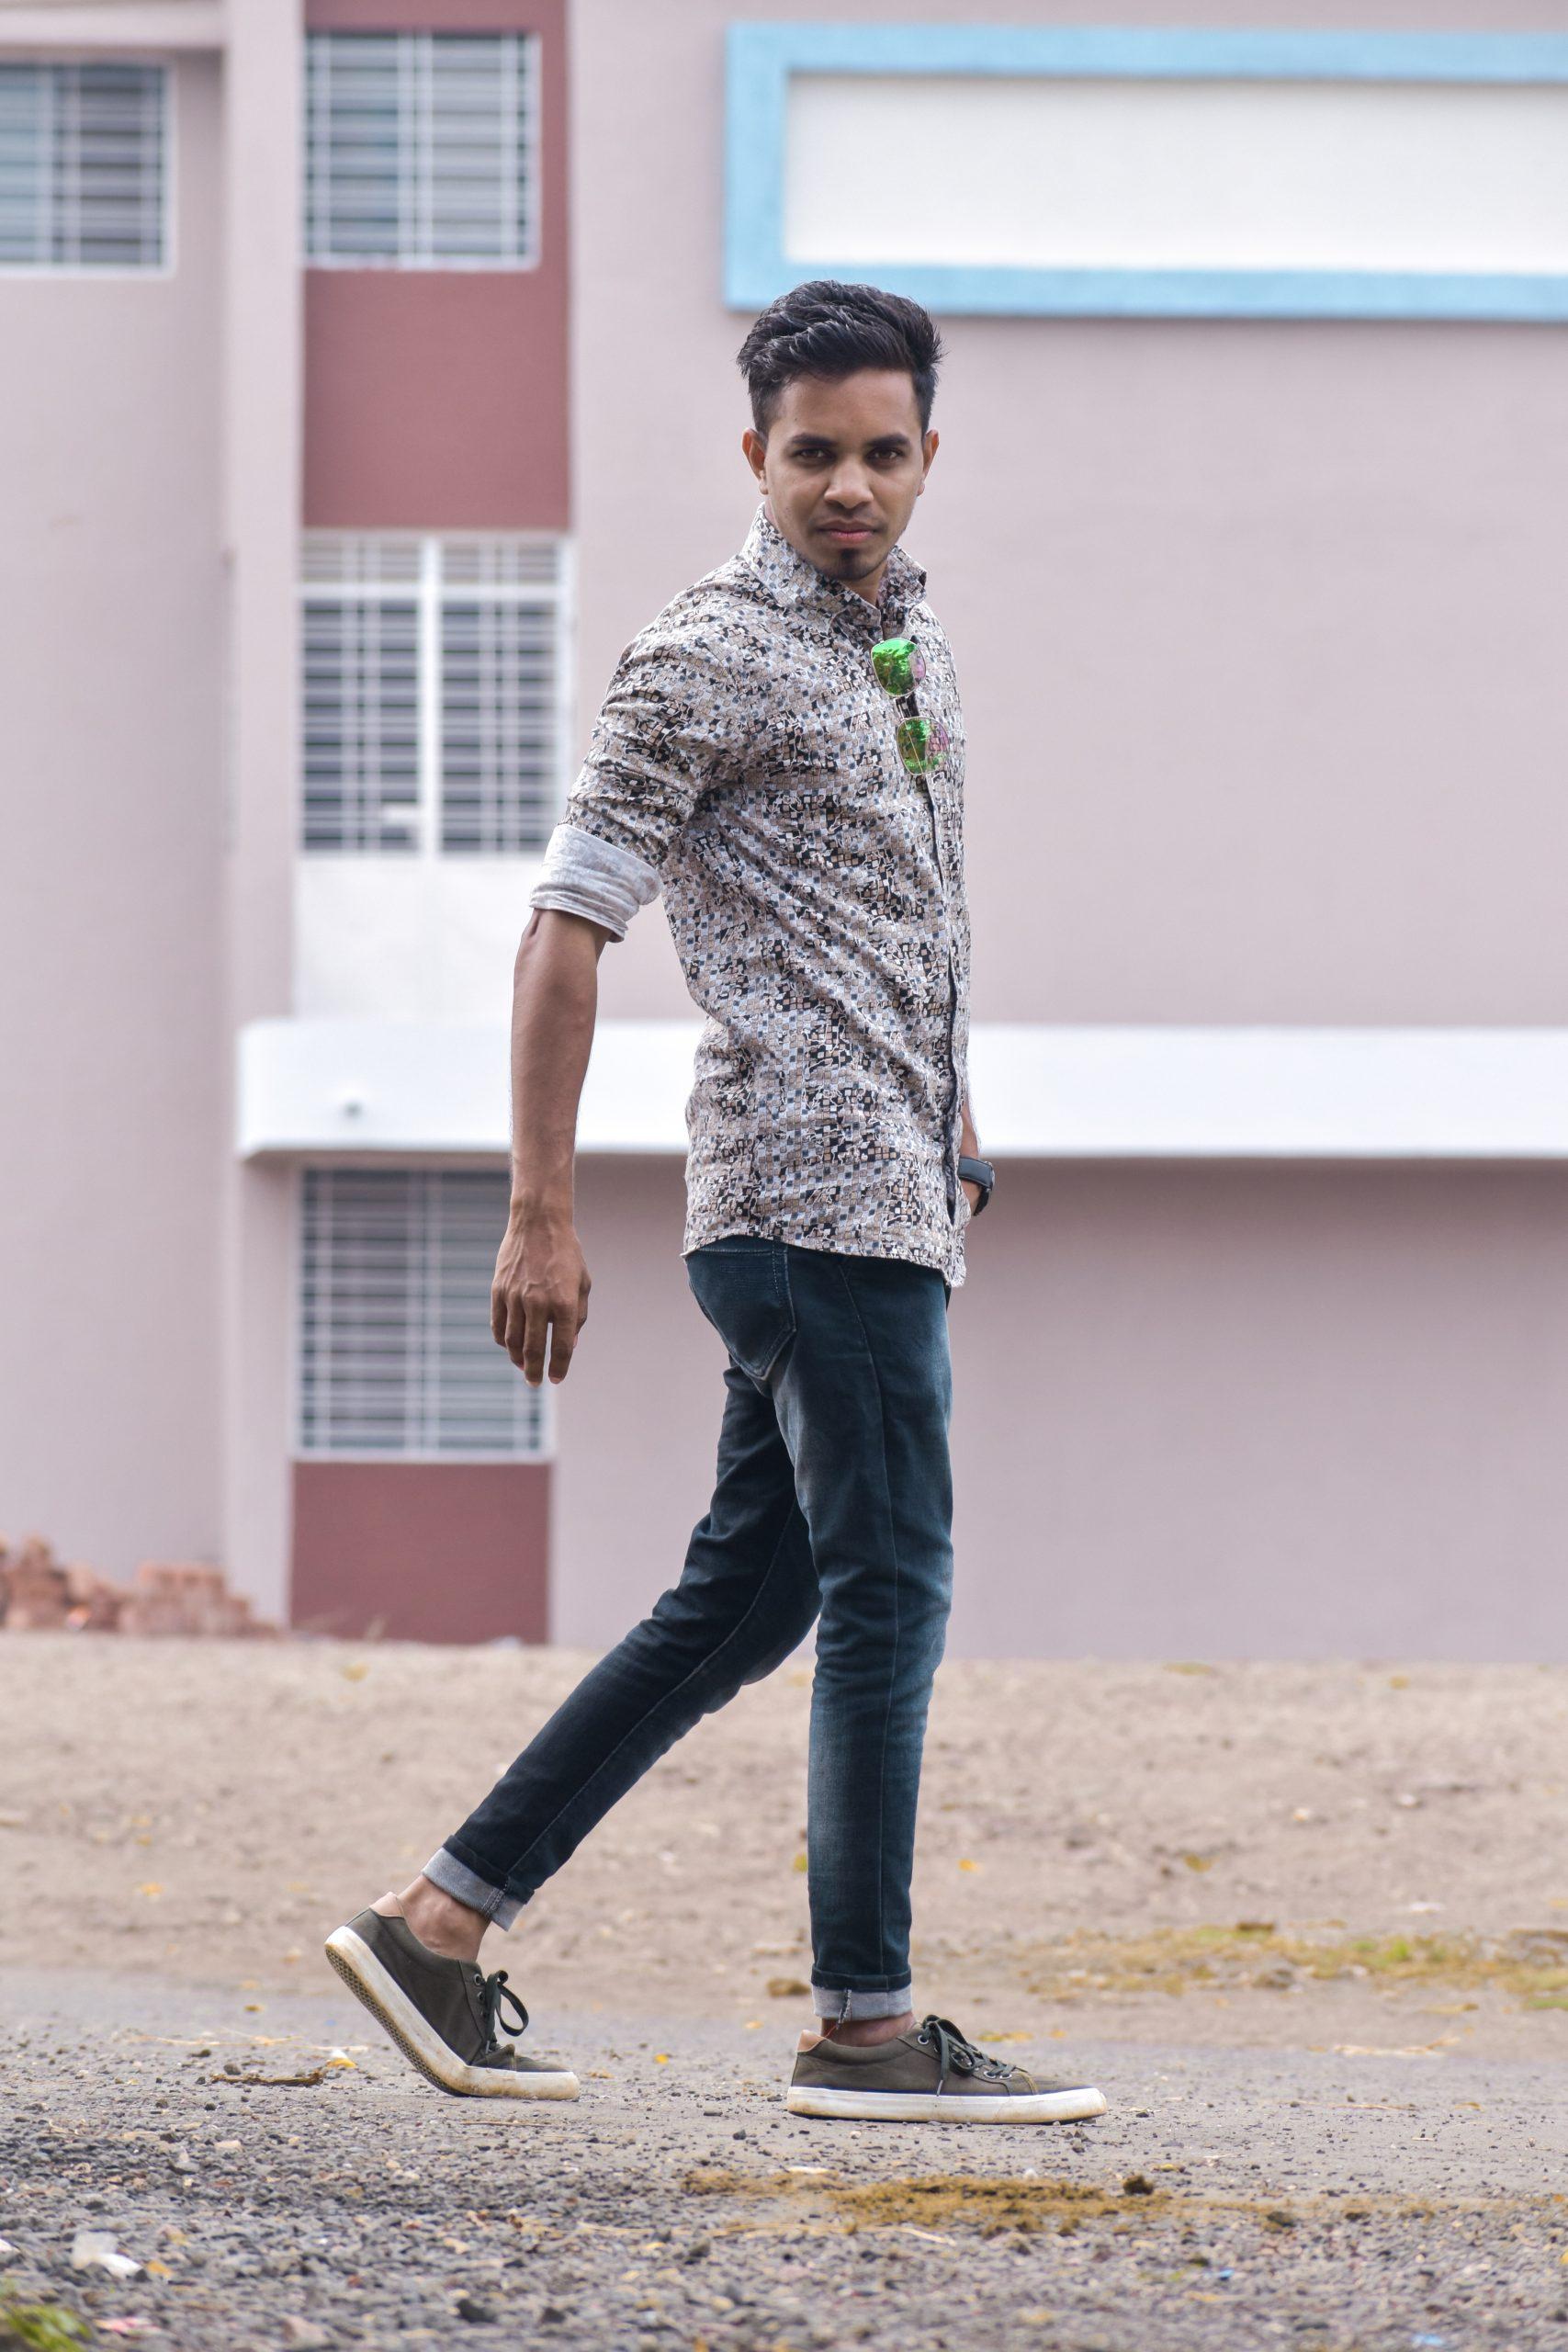 Portrait of a walking boy